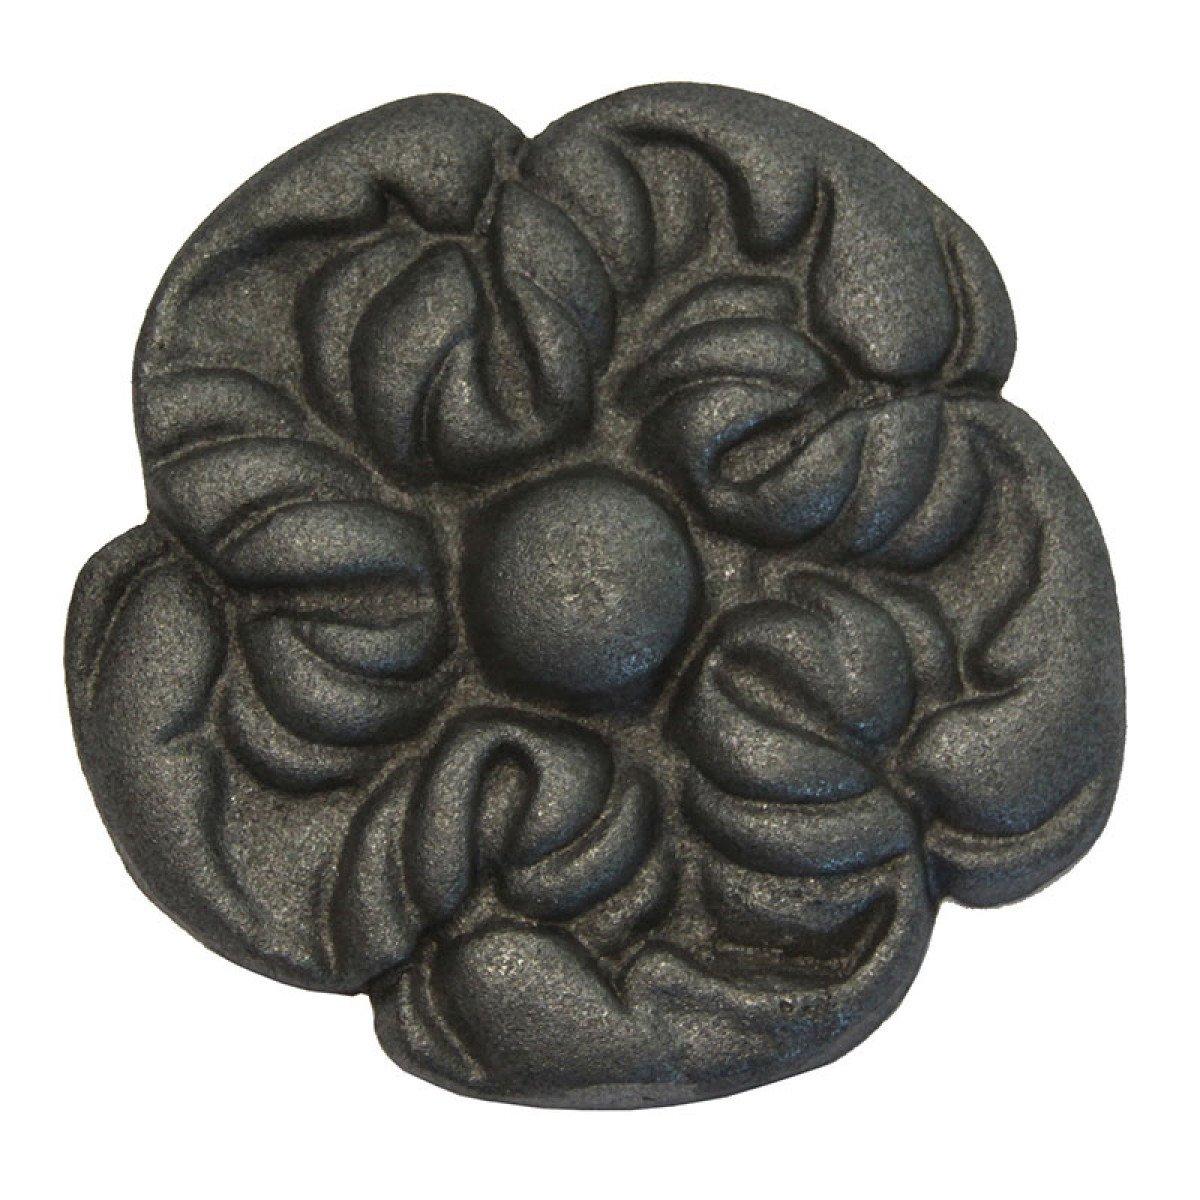 Muuranker Roset 15cm